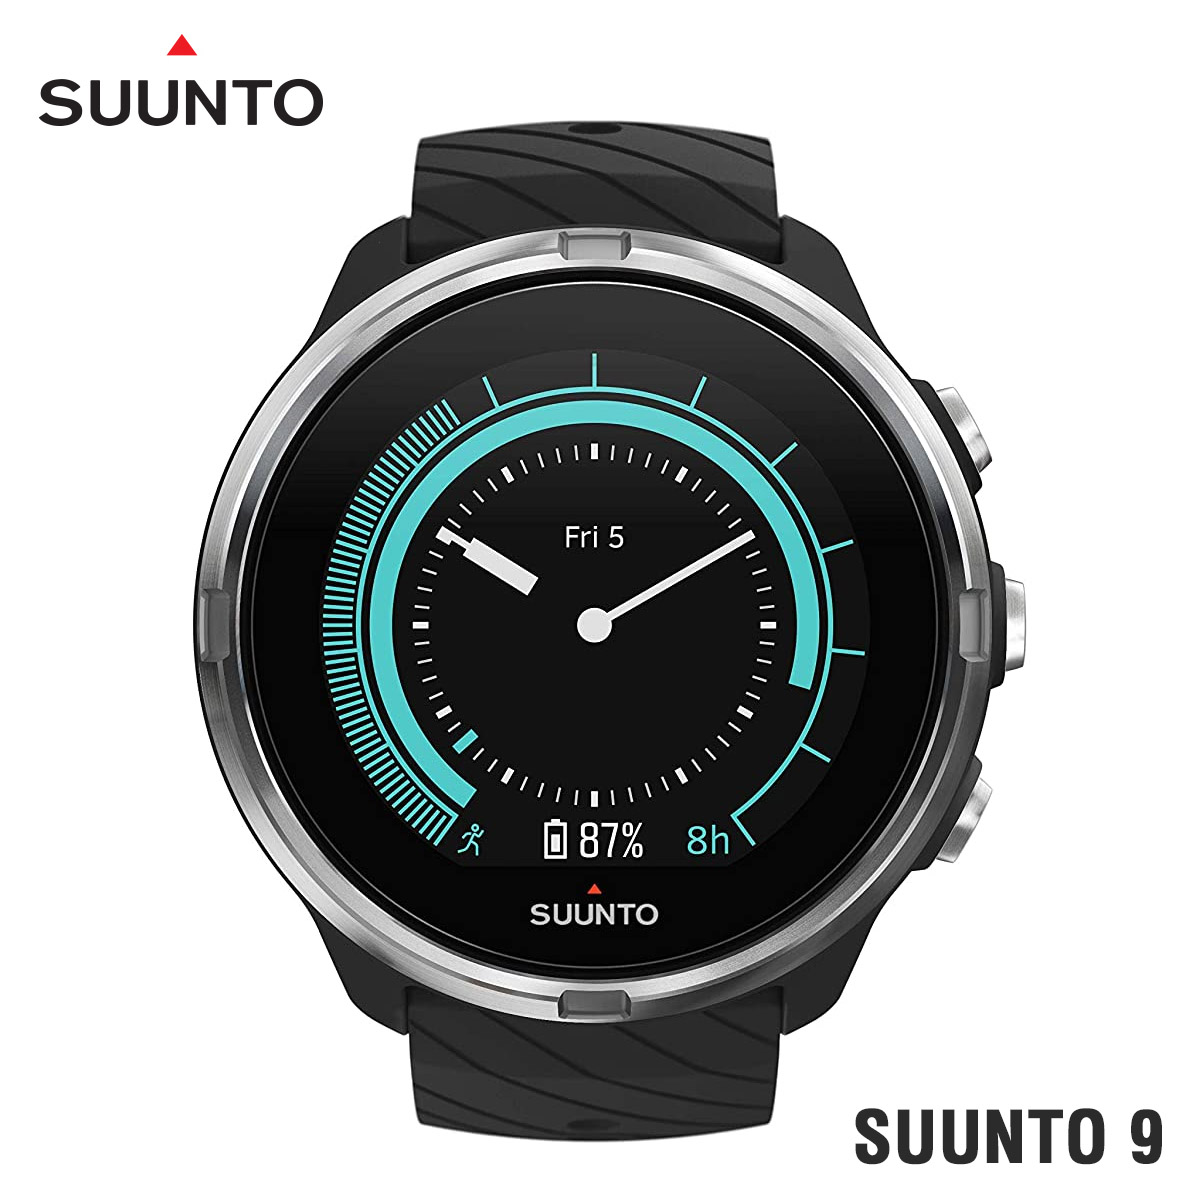 【全品送料無料】Suunto 9 Black スマートウォッチ 腕時計 ss050142000